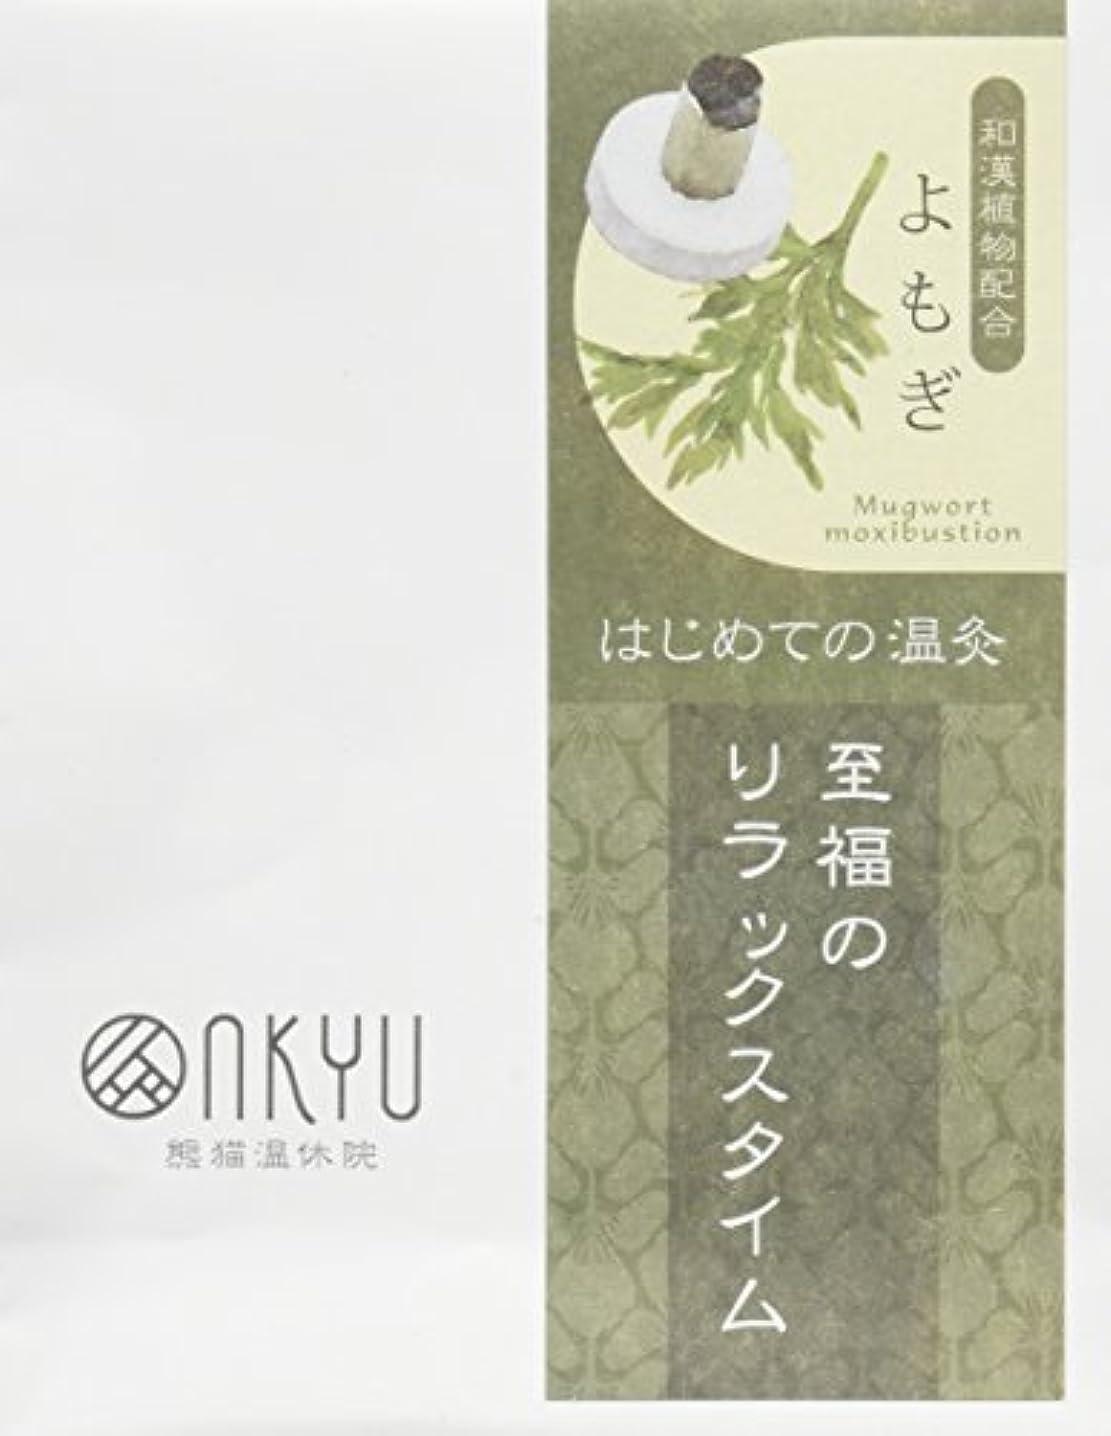 ベルトアレンジラジウム和漢植物配合 温灸 よもぎの温灸10粒